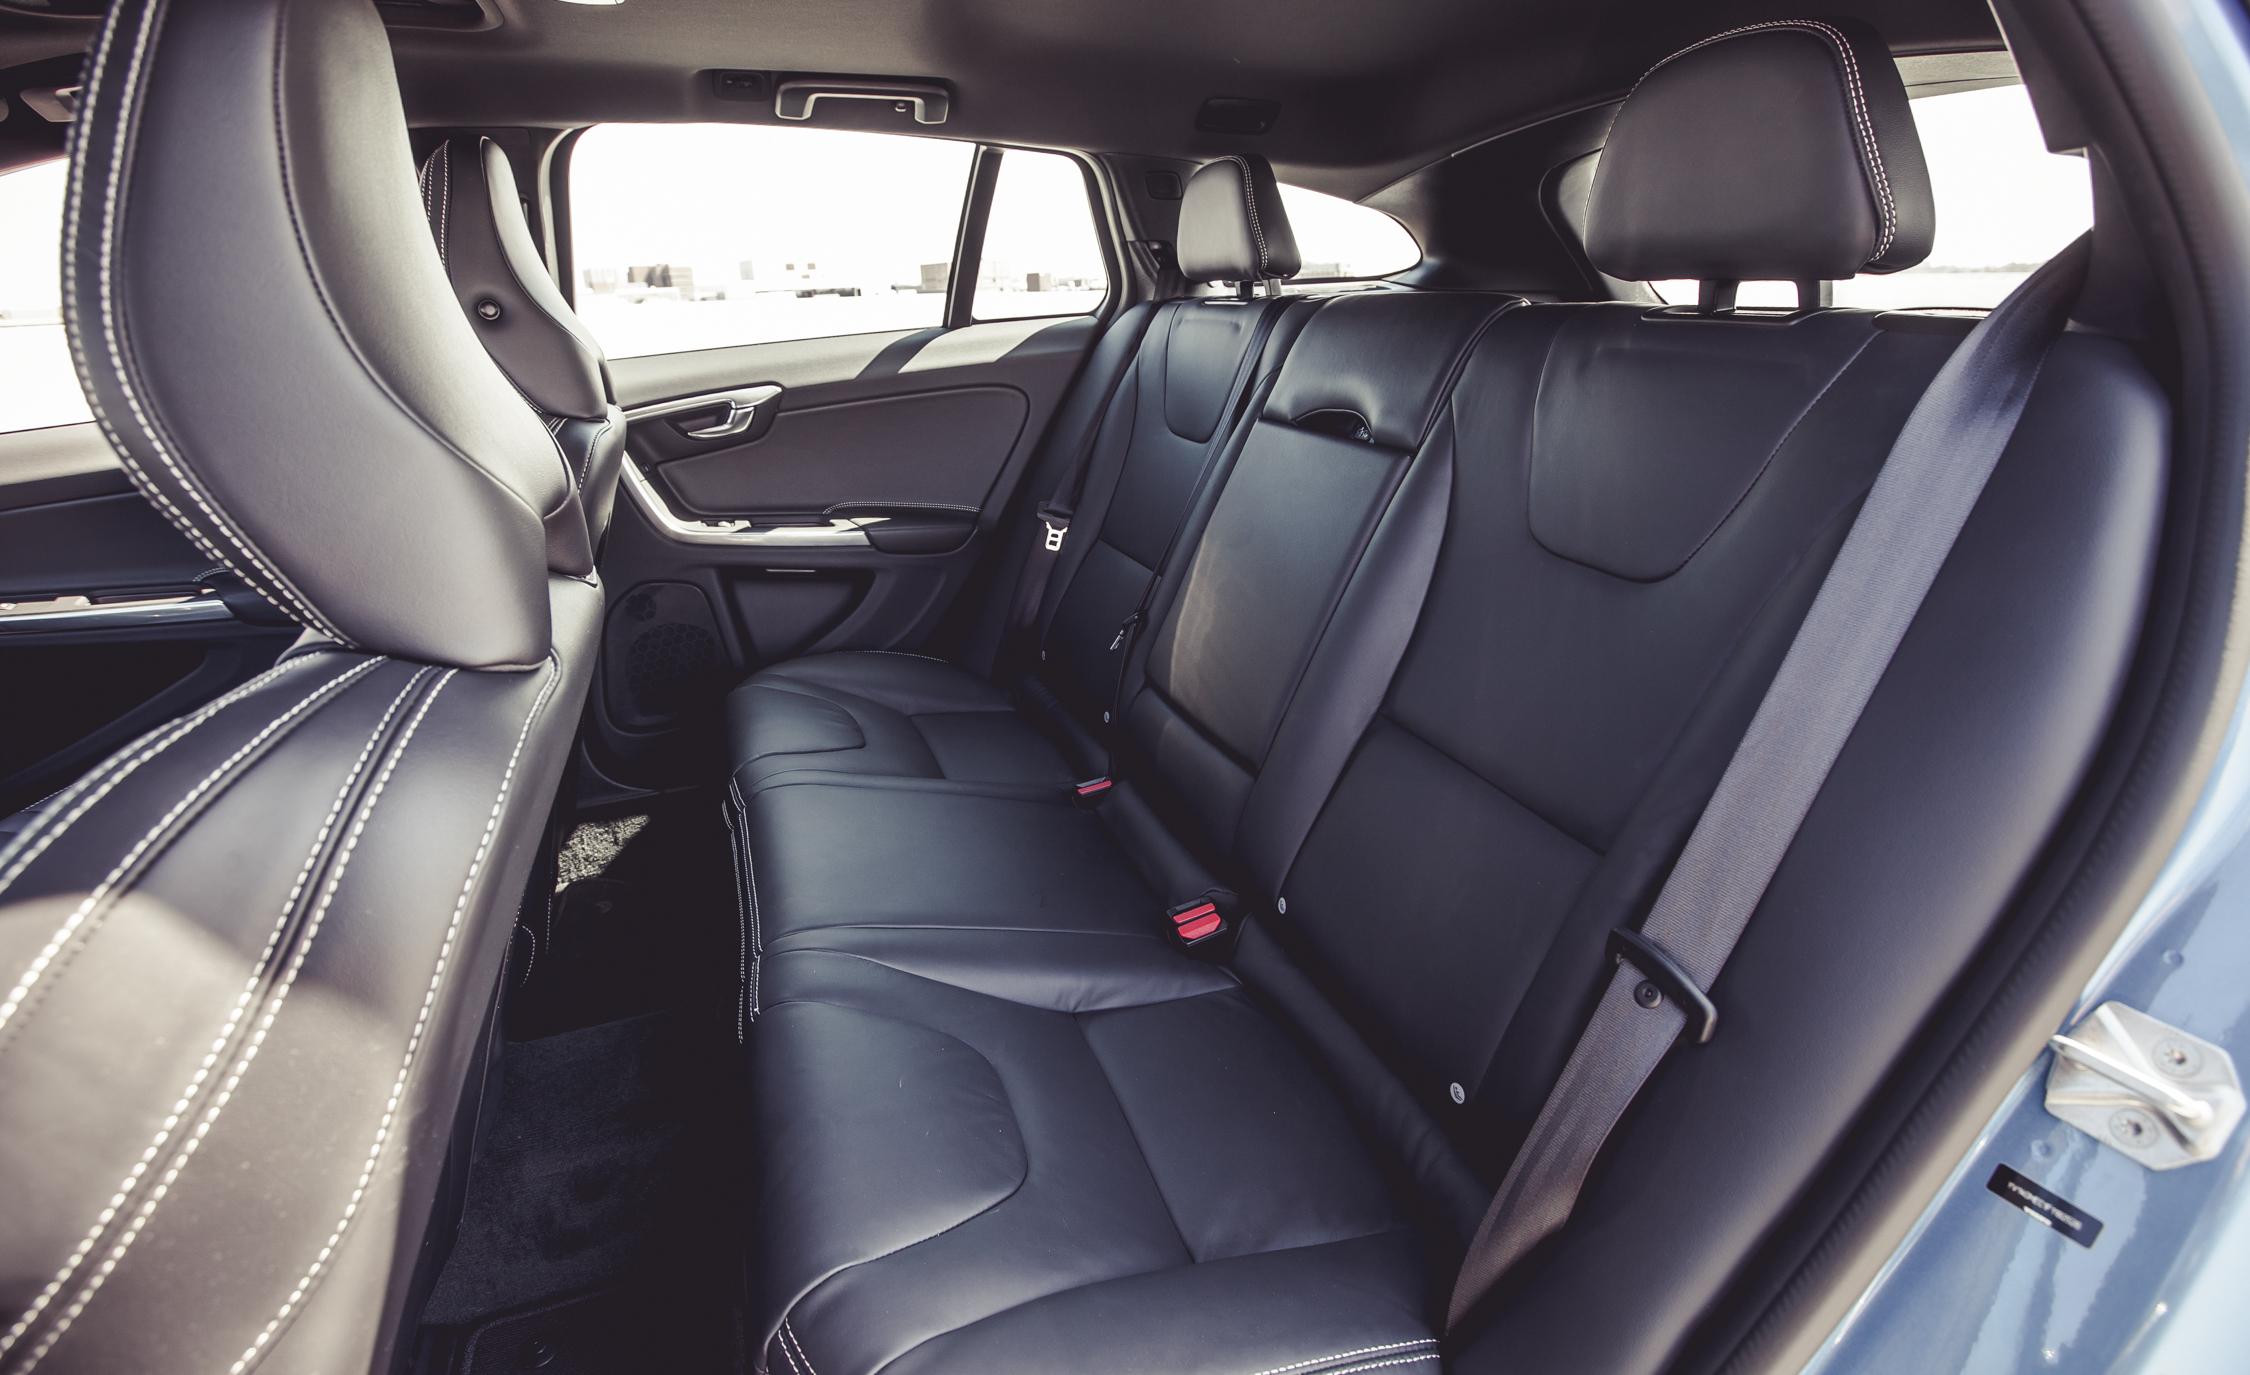 2015 Volvo V60 Interior Passenger Seats Rear